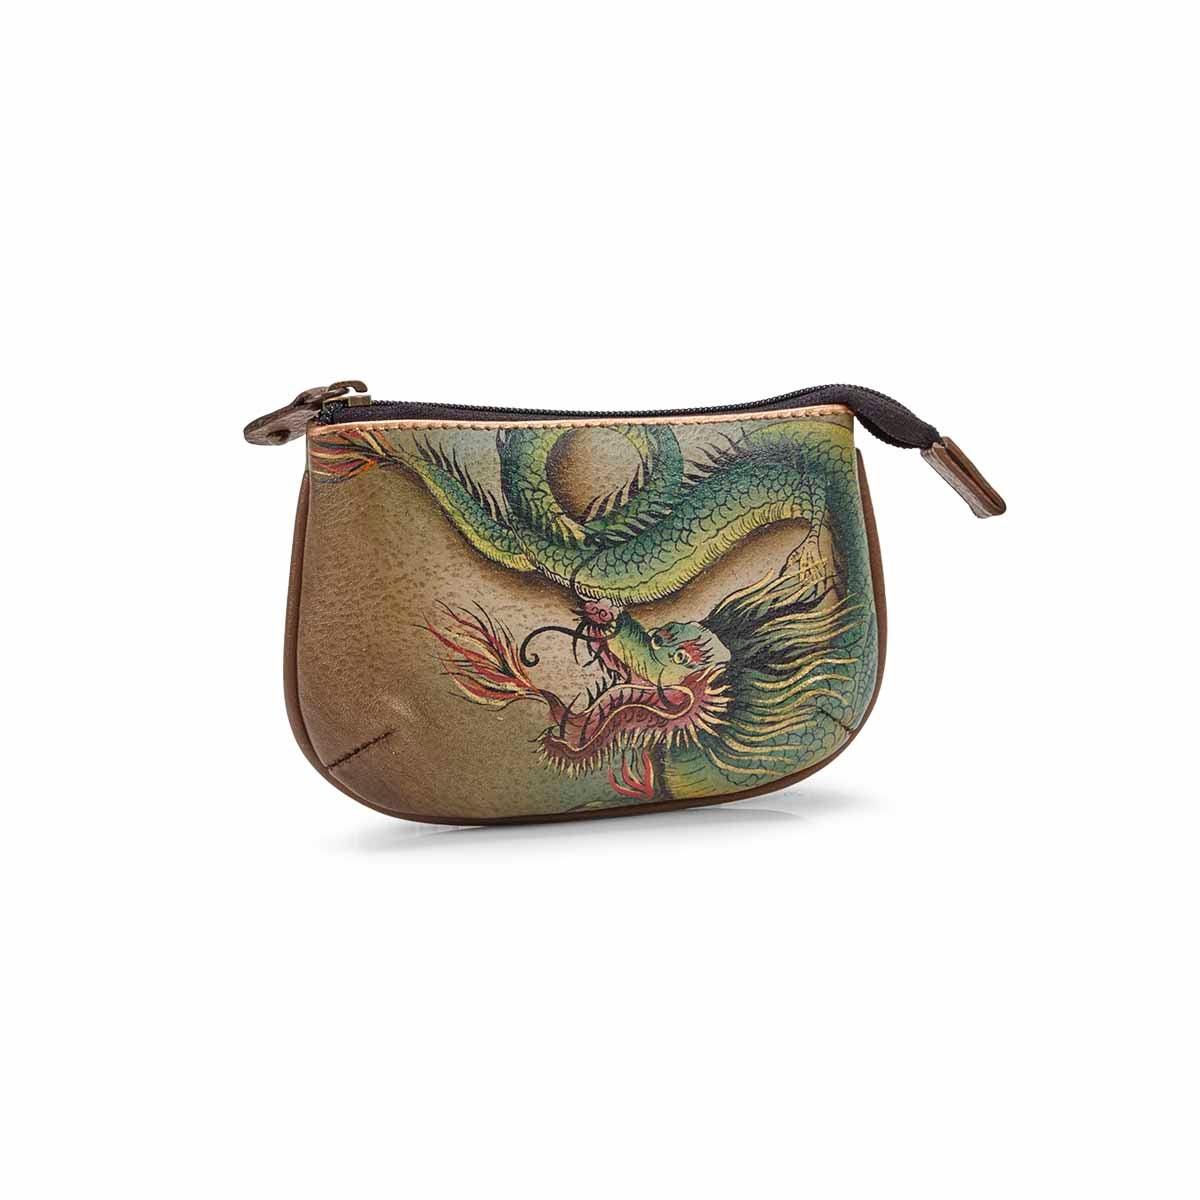 Women's HIDDEN DRAGON coin purse